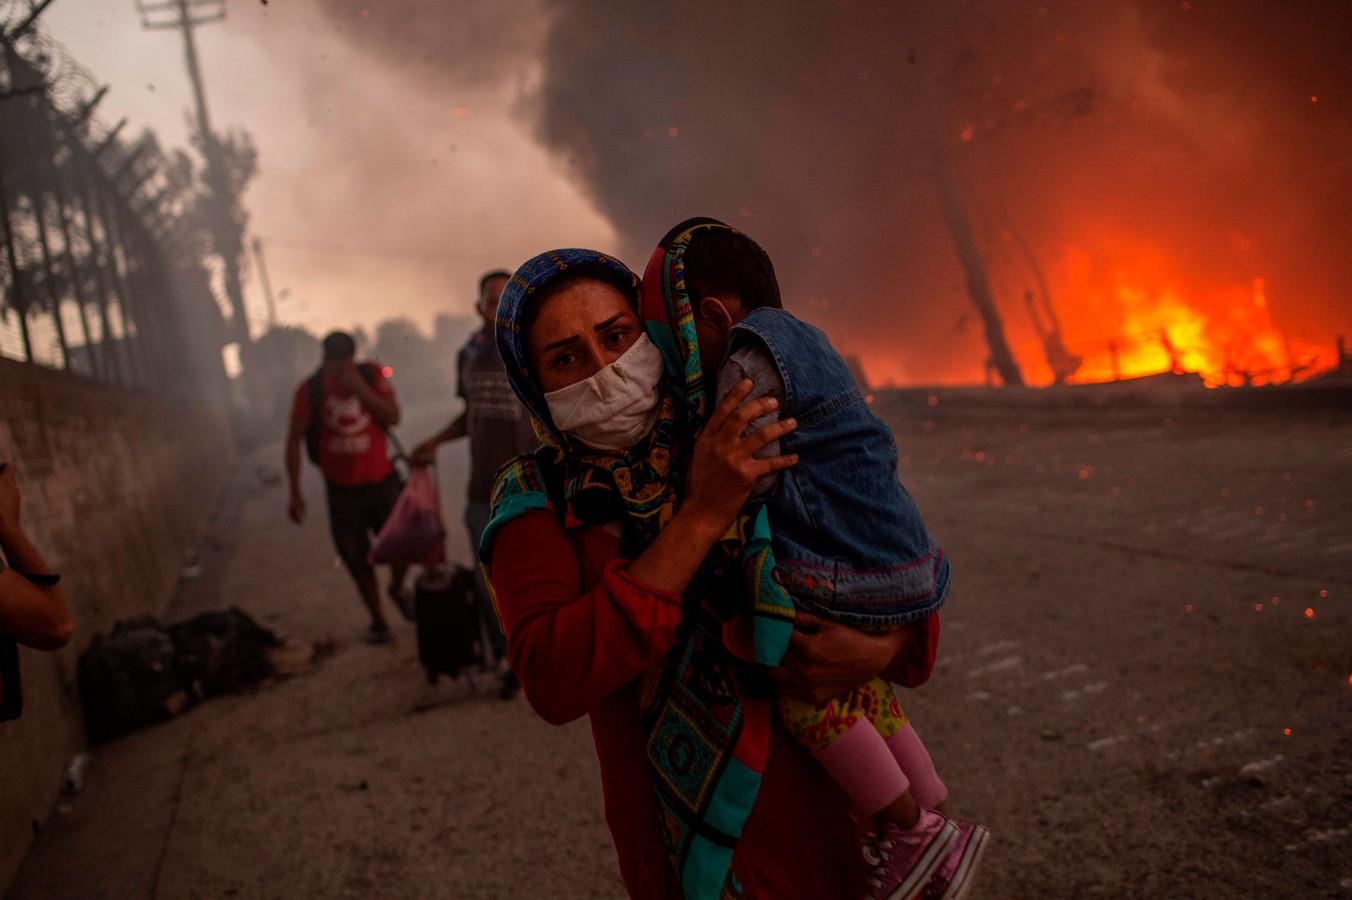 Een vrouw draagt haar kind tijdens de brand in kamp Moria.